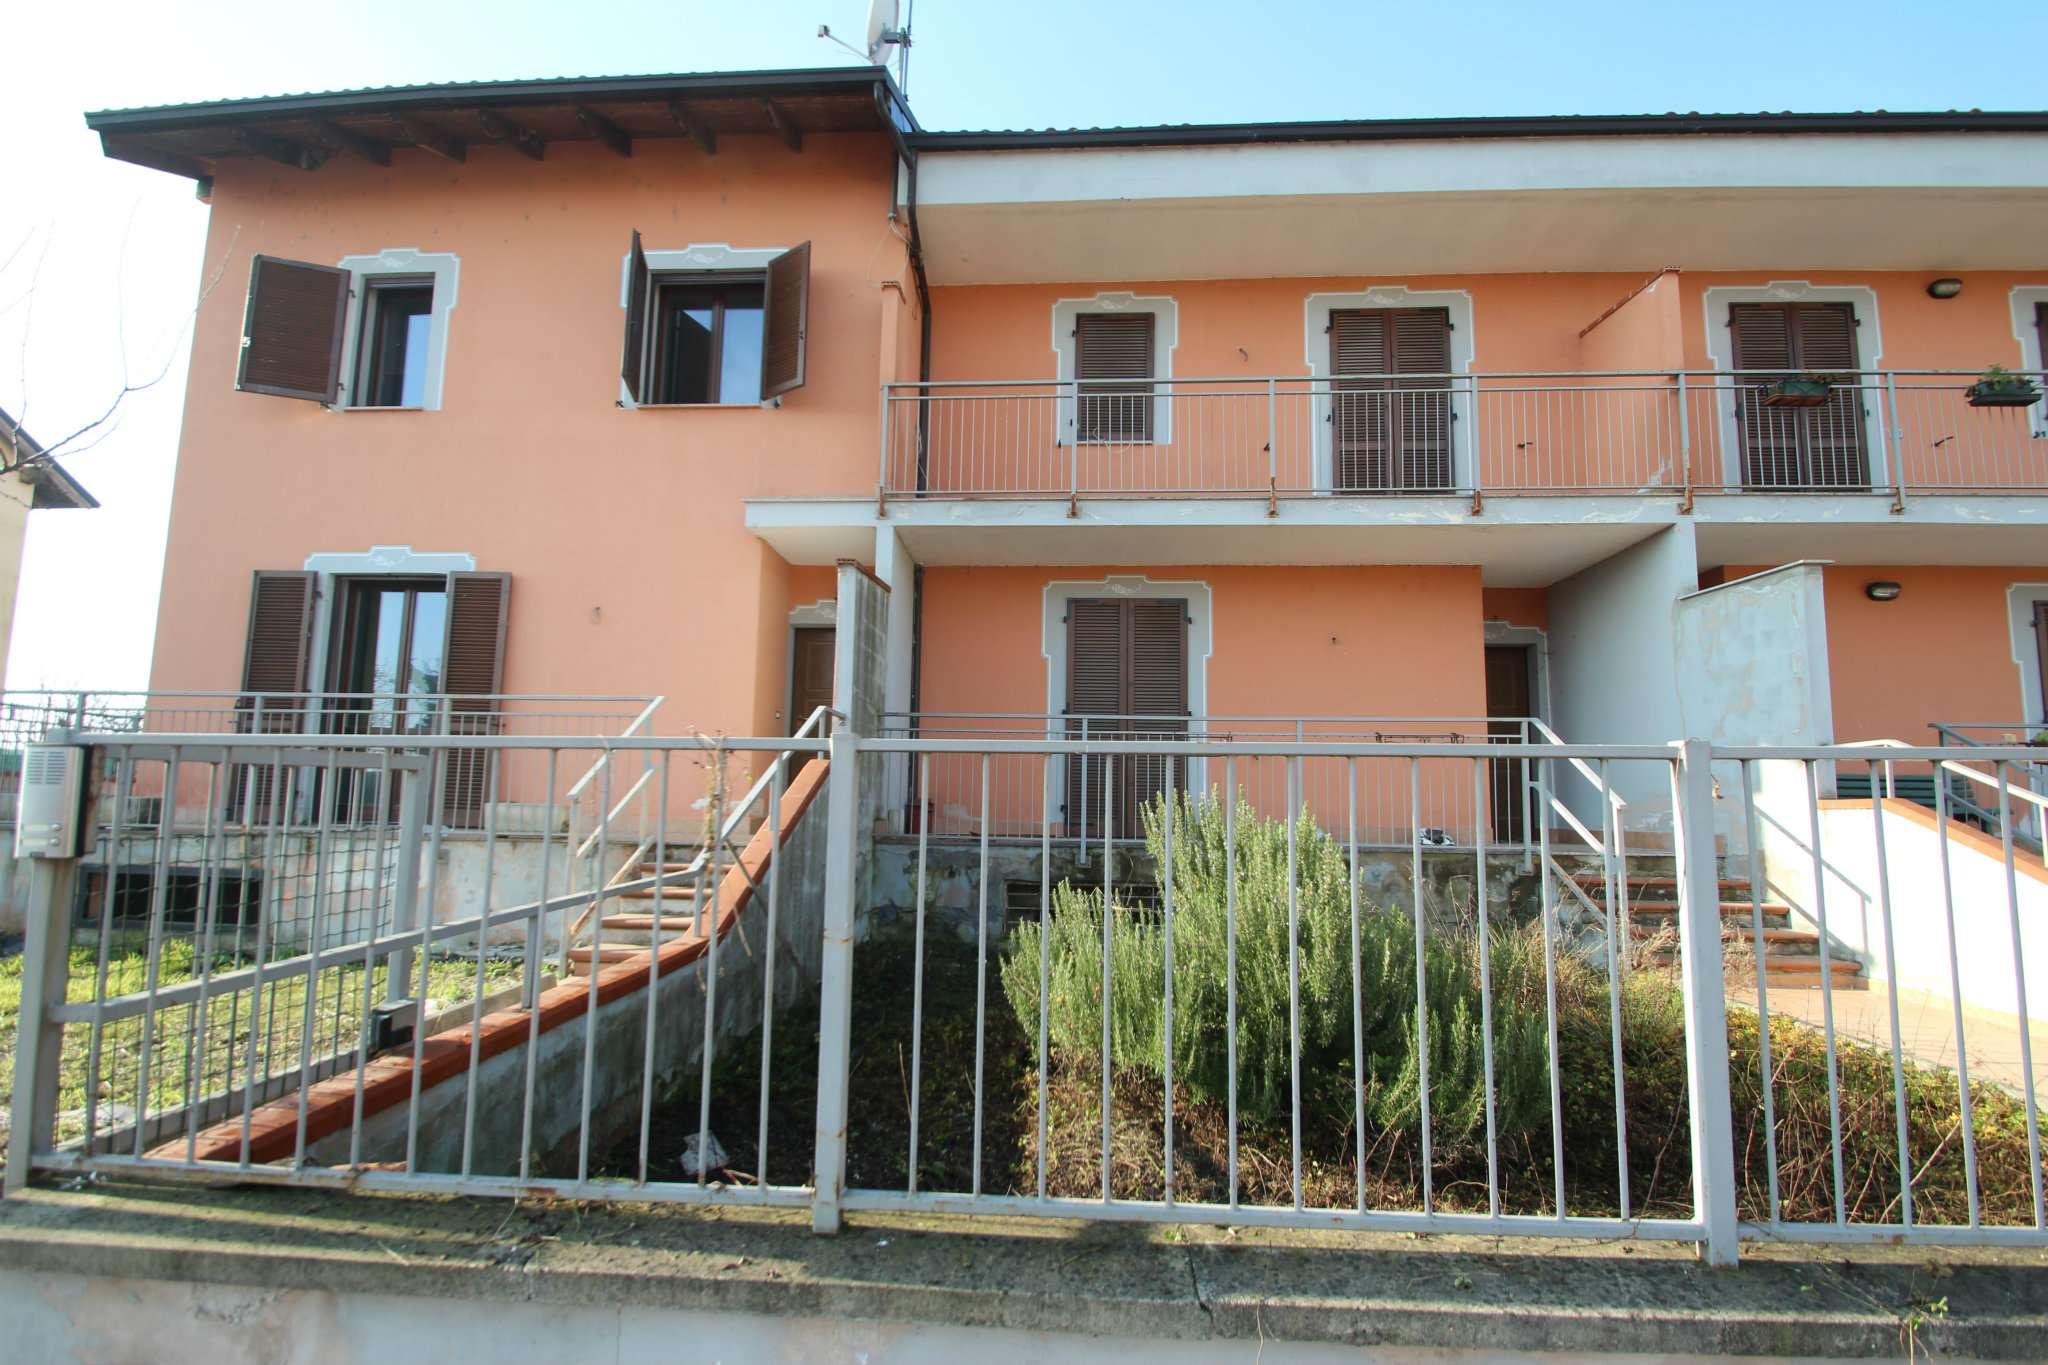 Villa a Schiera in vendita a Casalbeltrame, 4 locali, prezzo € 125.000 | Cambio Casa.it